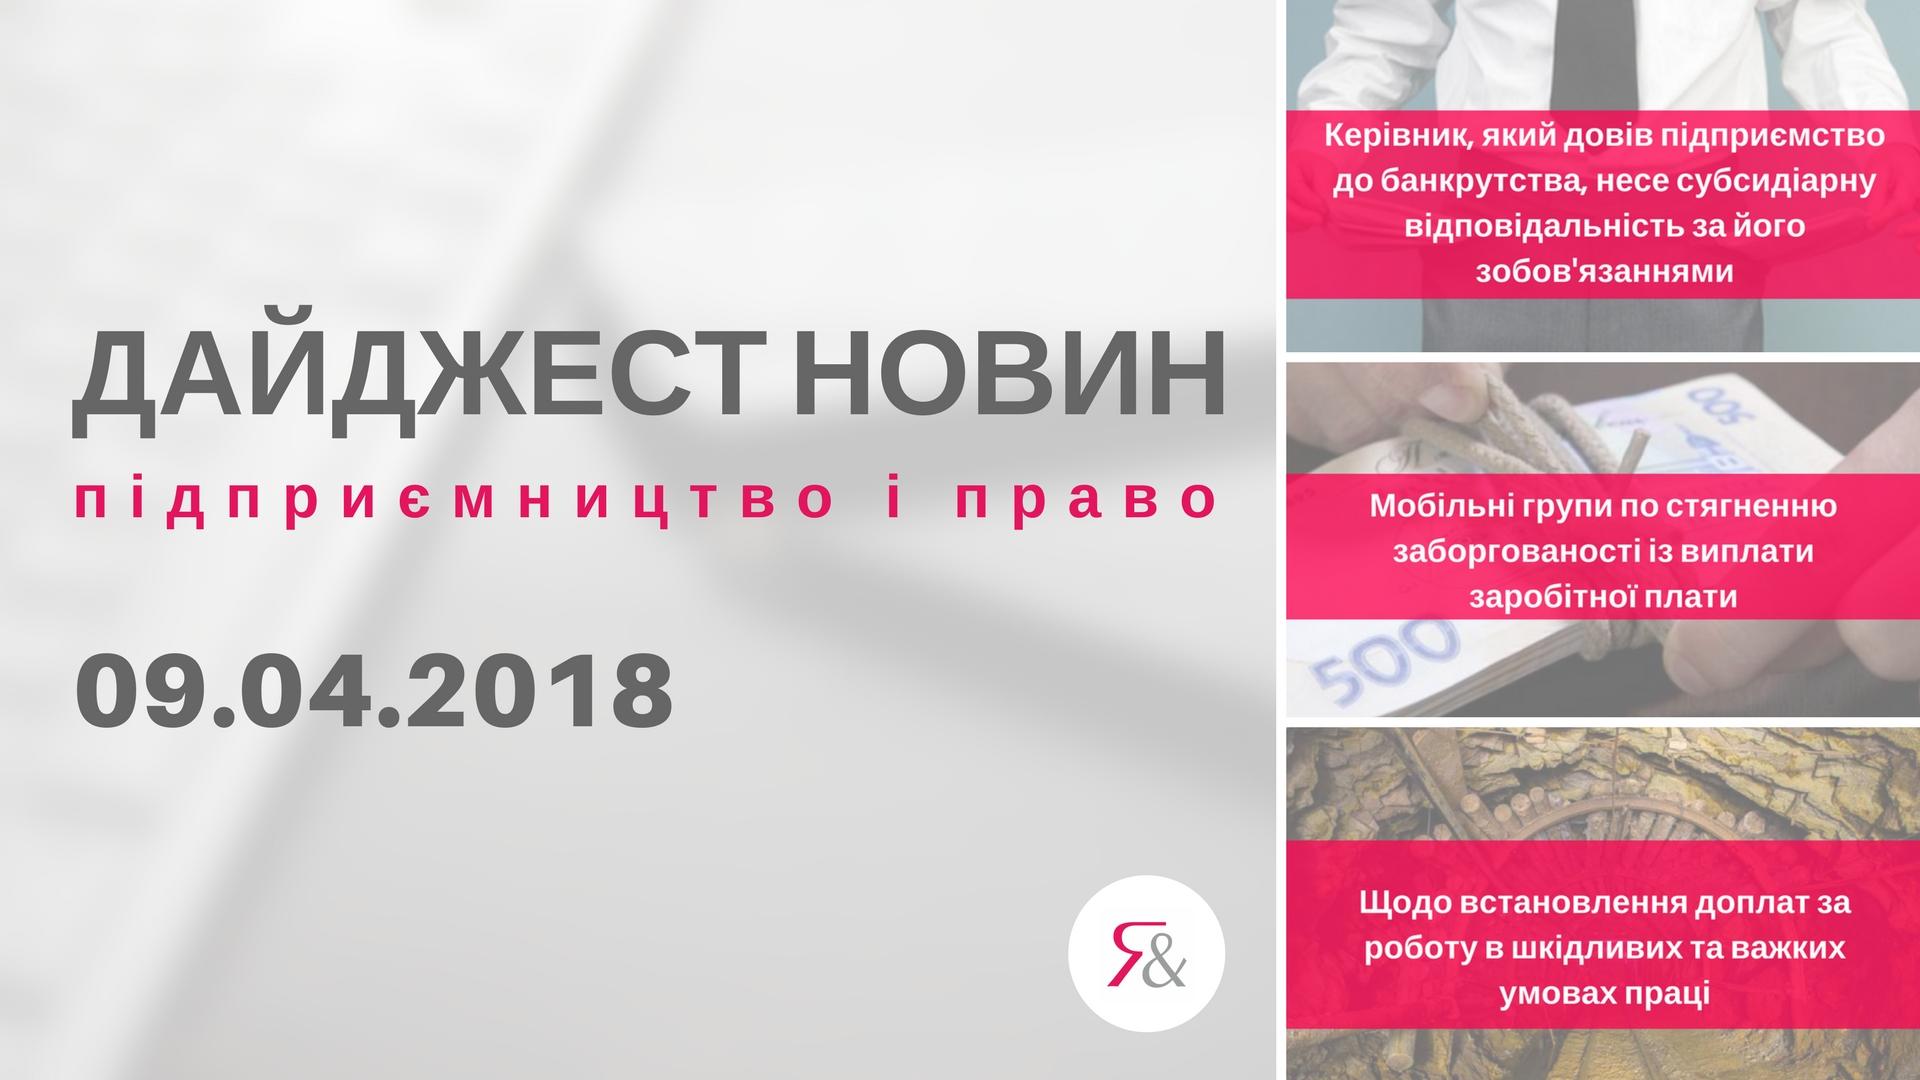 Дайджест нoвин «Підприємництво і право» з 02.04.2018 пo 09.04.2018